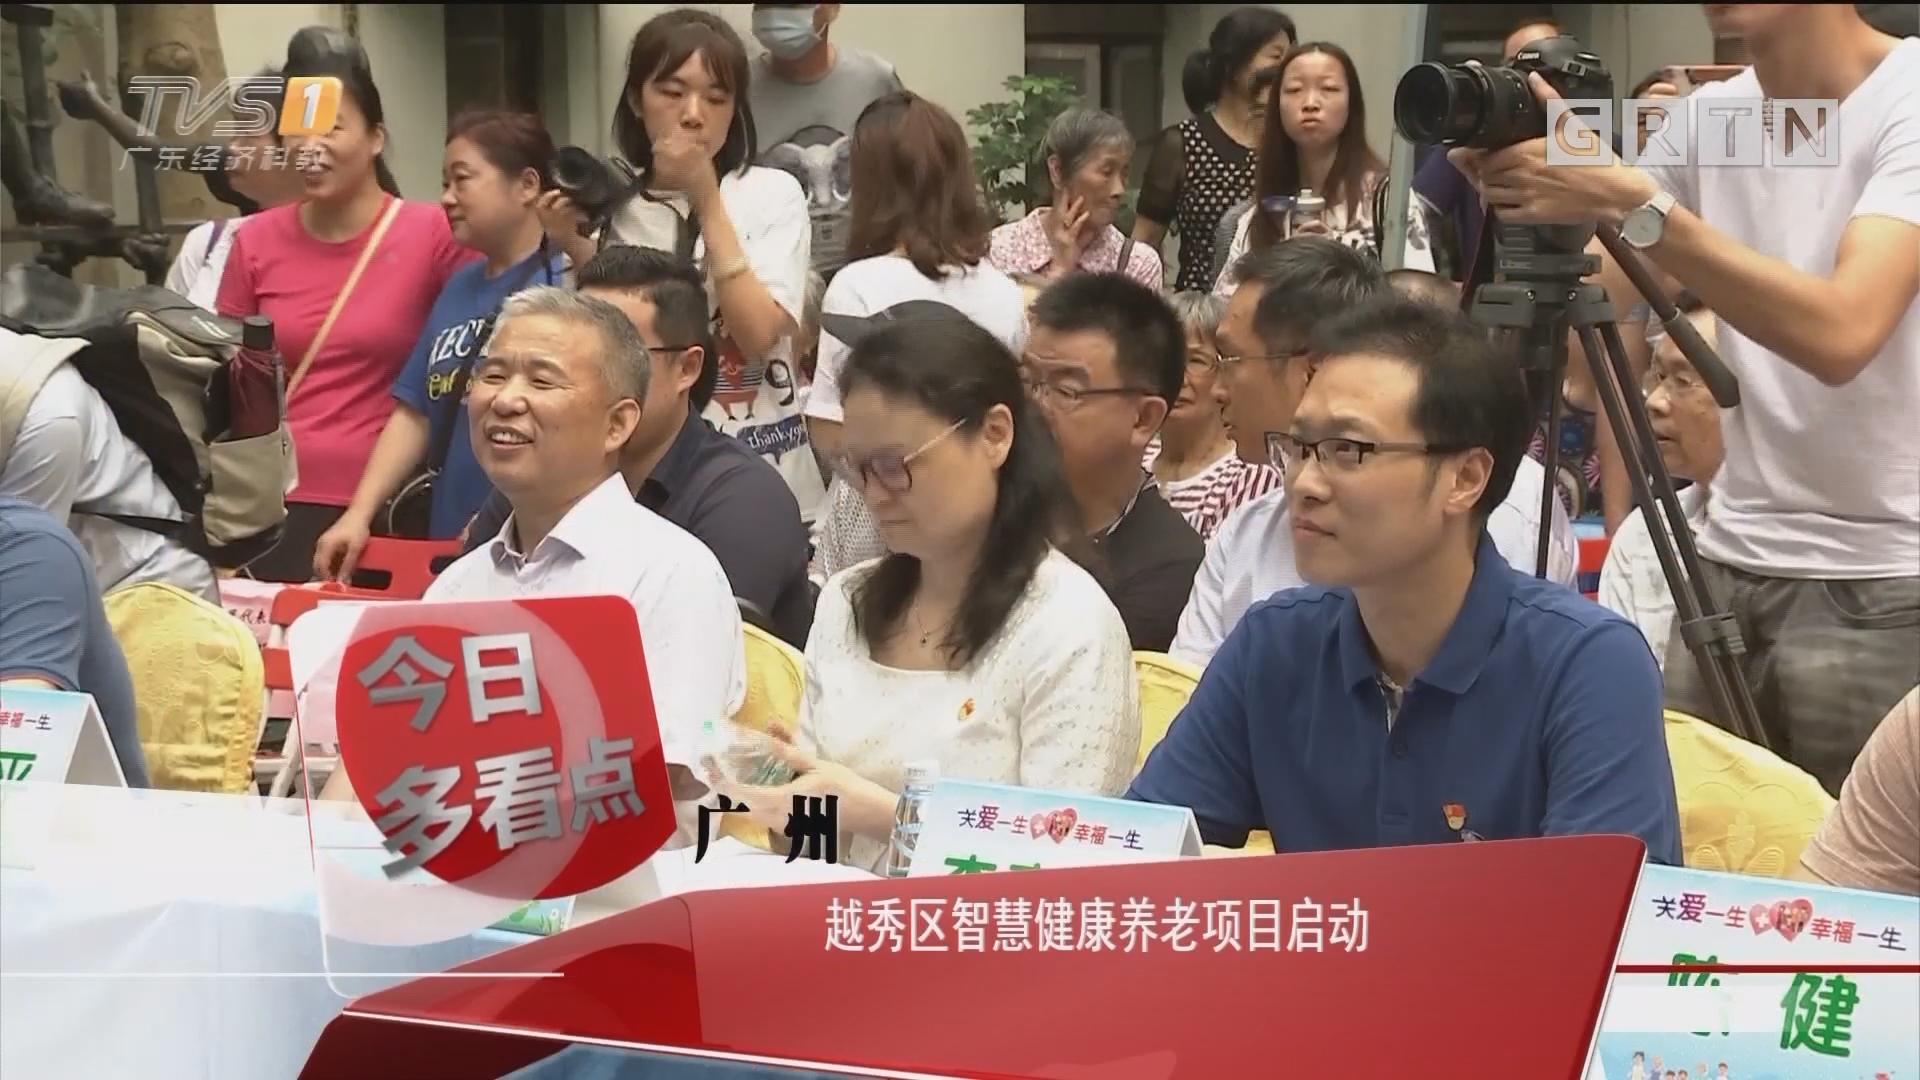 广州:越秀区智慧健康养老项目启动